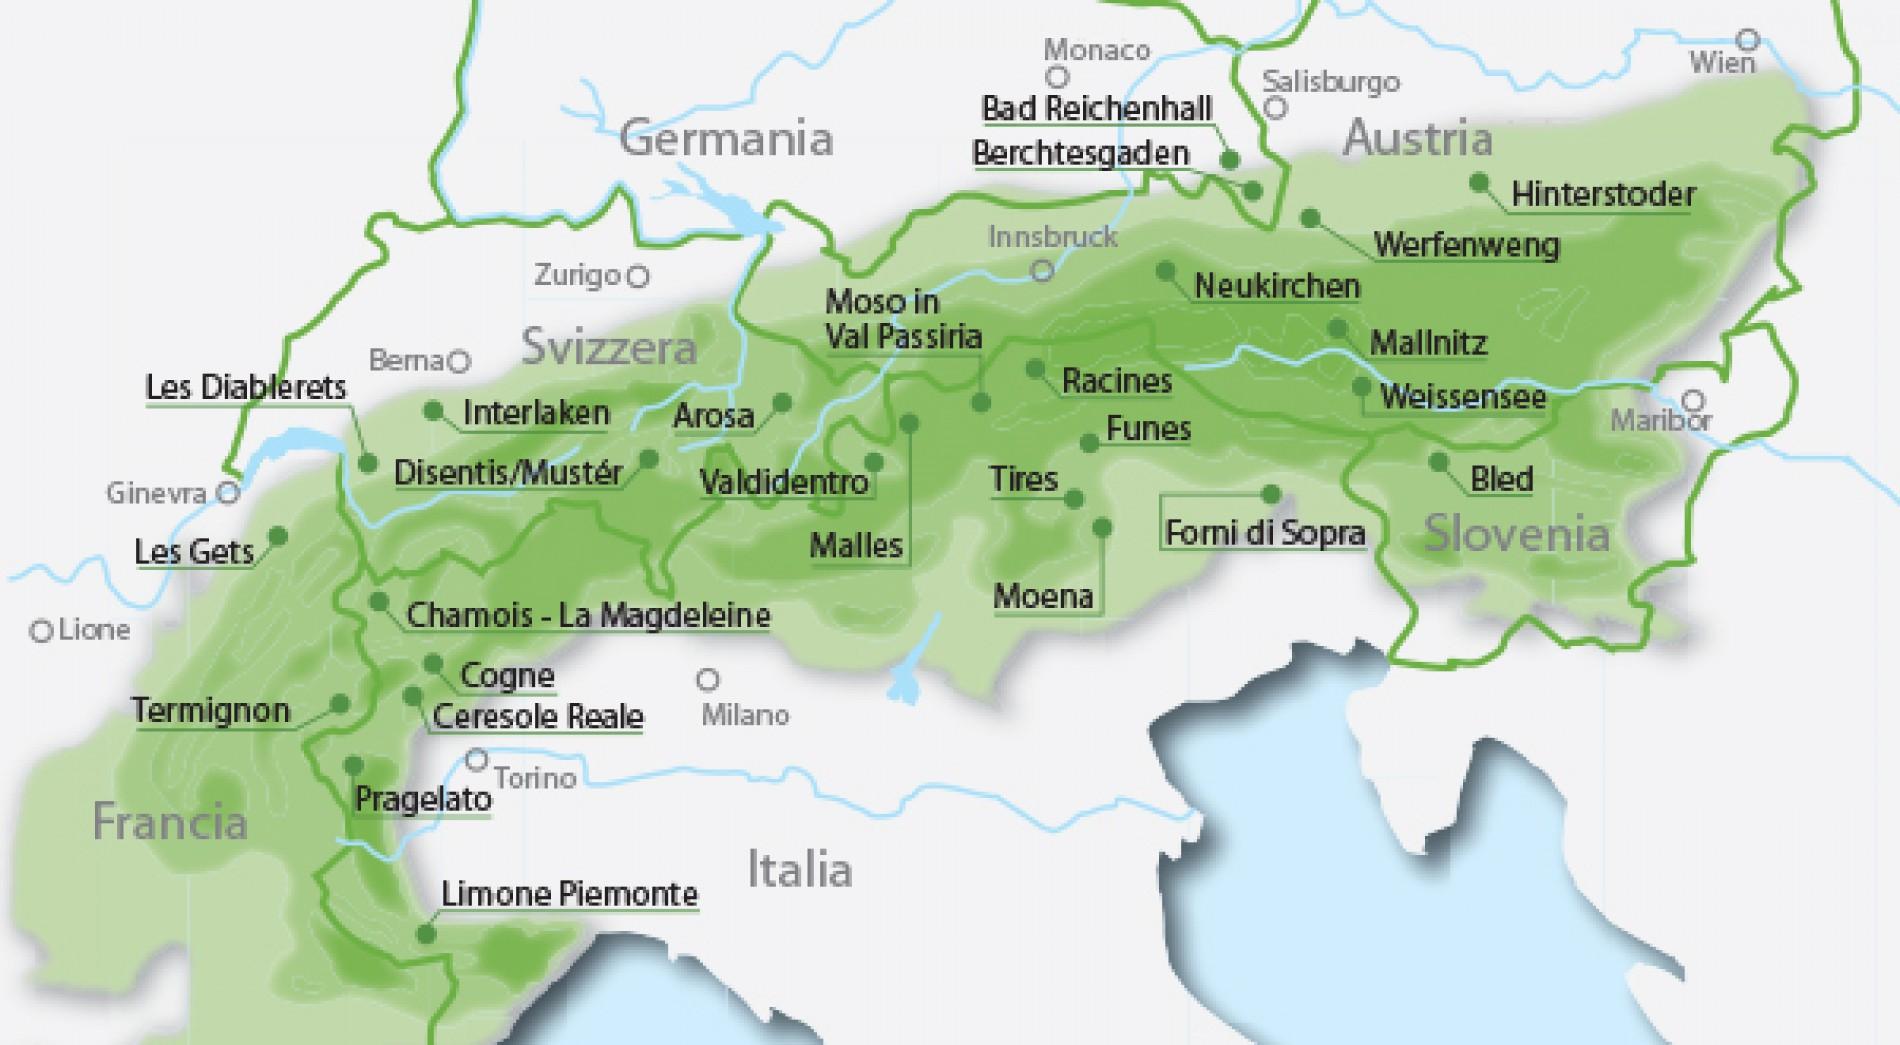 Mappa delle Perle Alpine, destinazioni sostenibili tra le Alpi